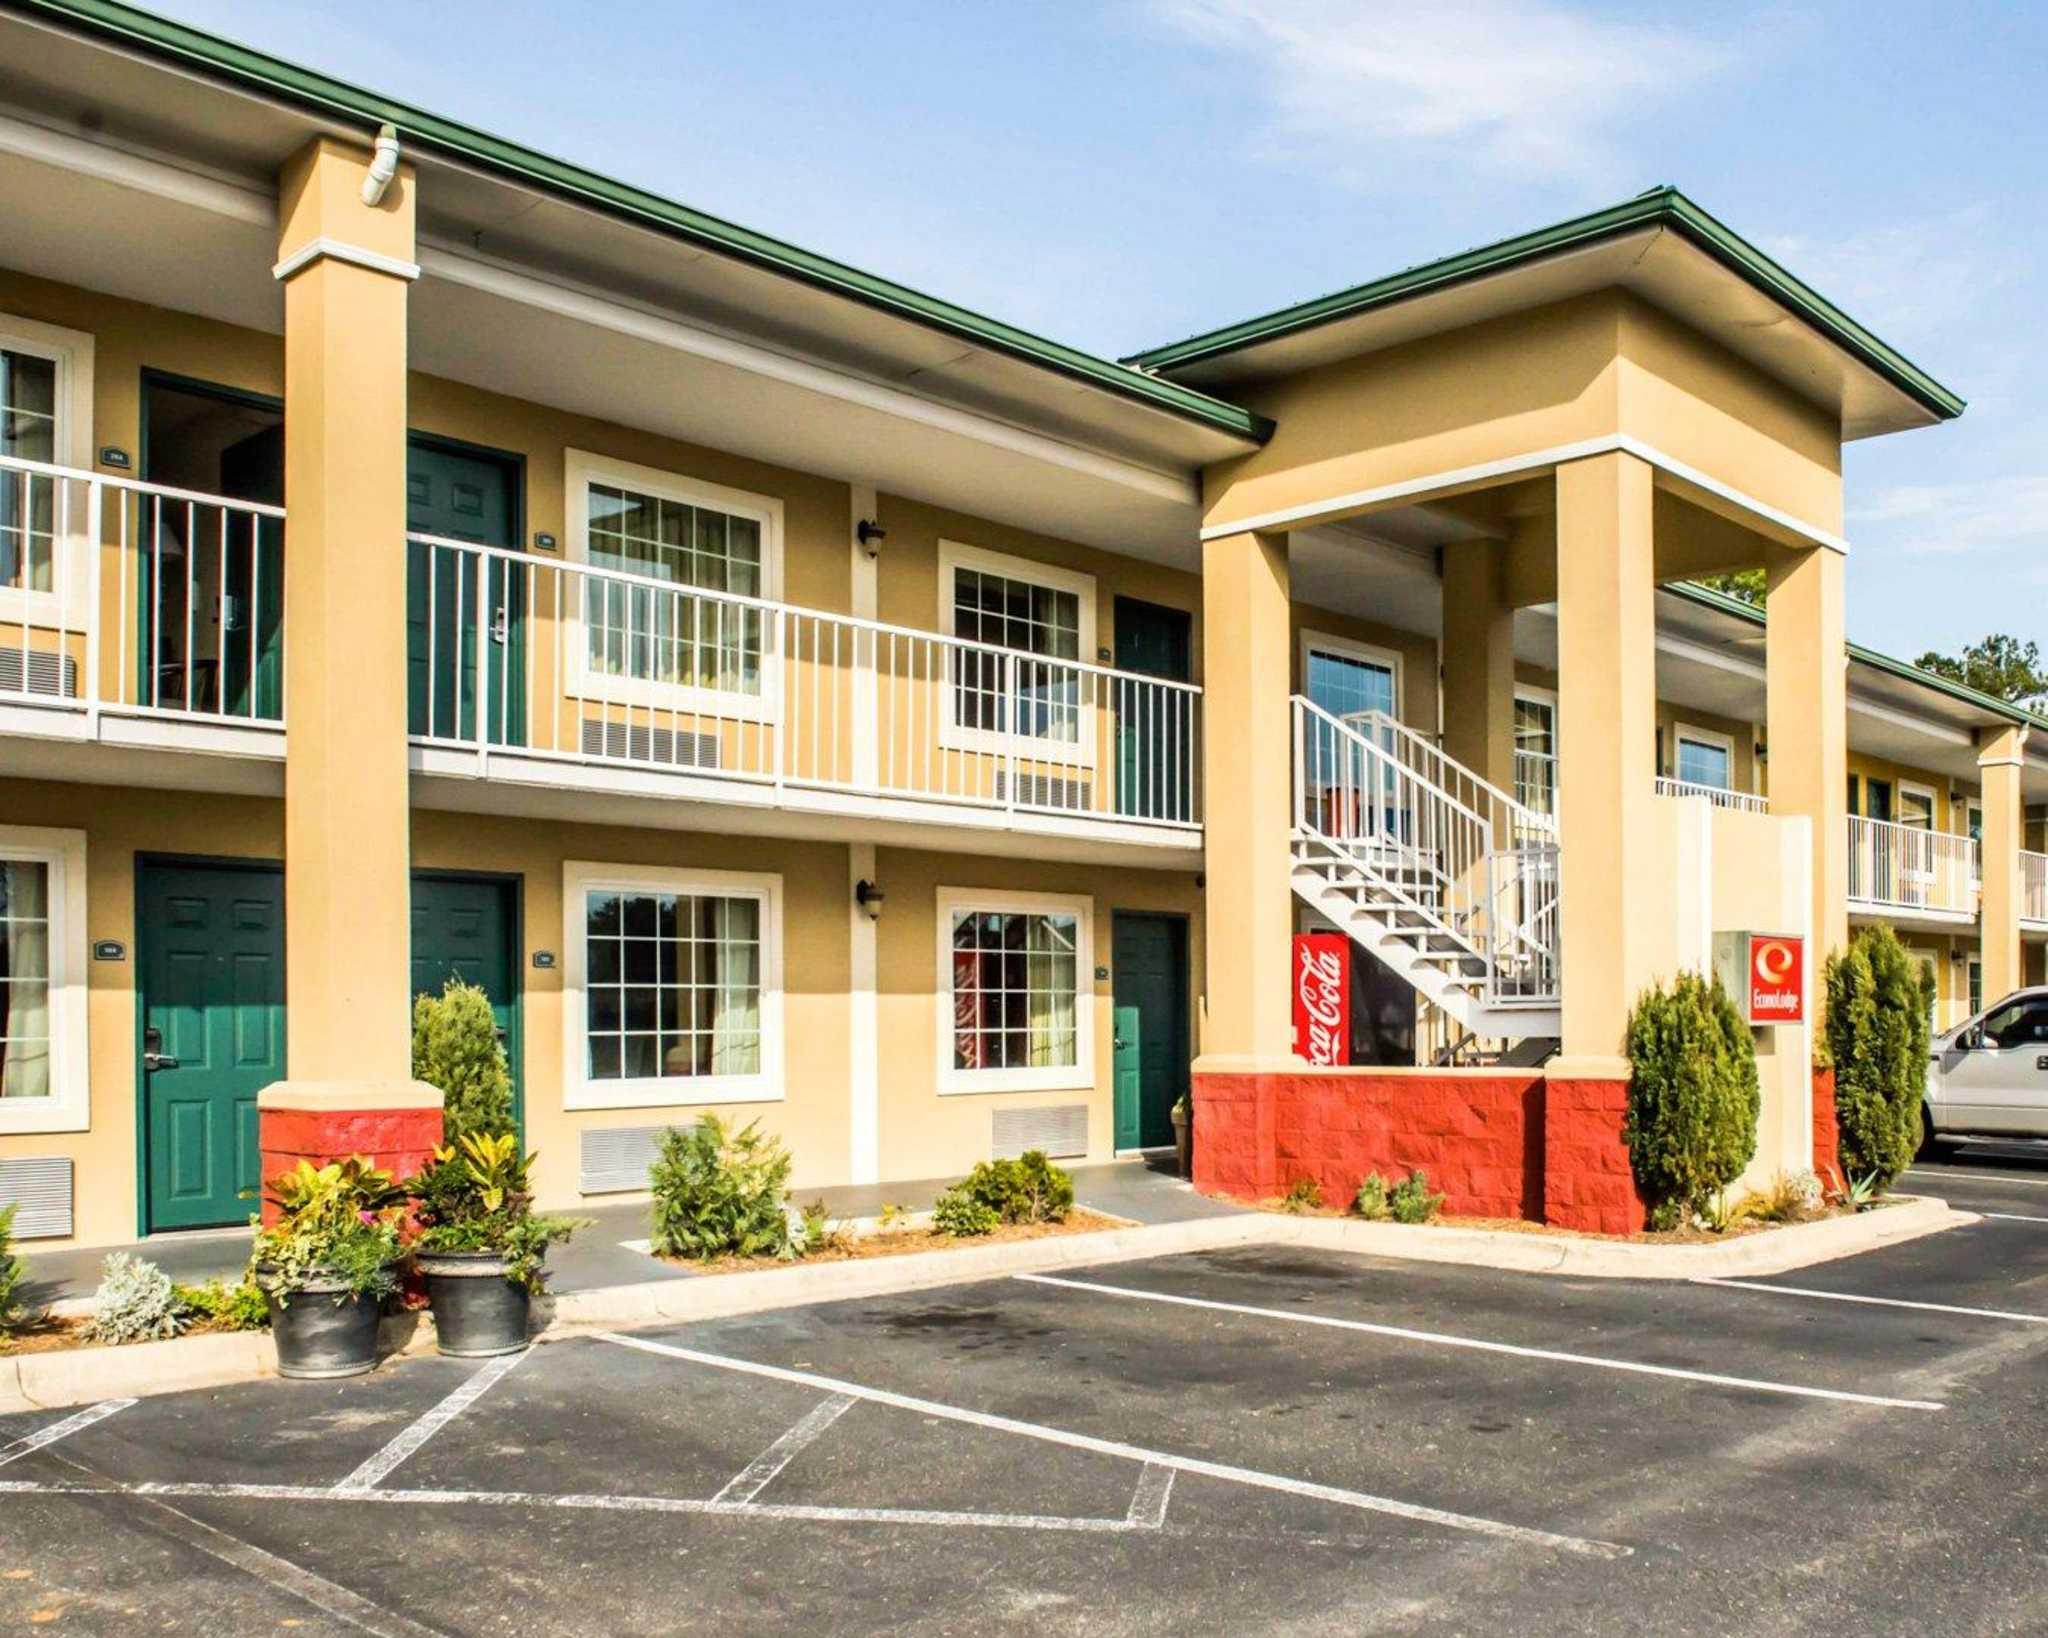 Pet Friendly Hotels Monticello Fl